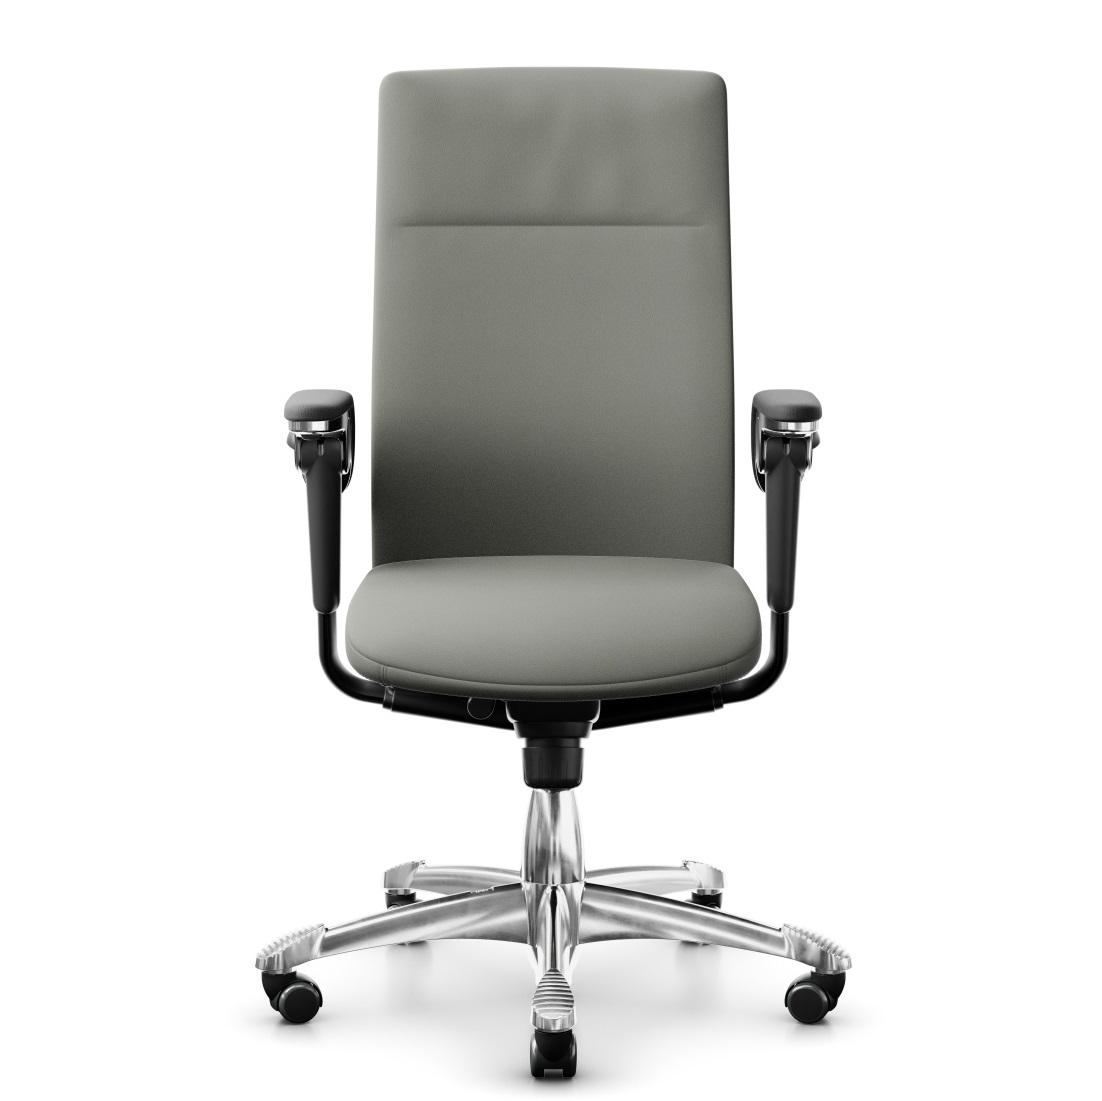 scaun ergonomic din piele